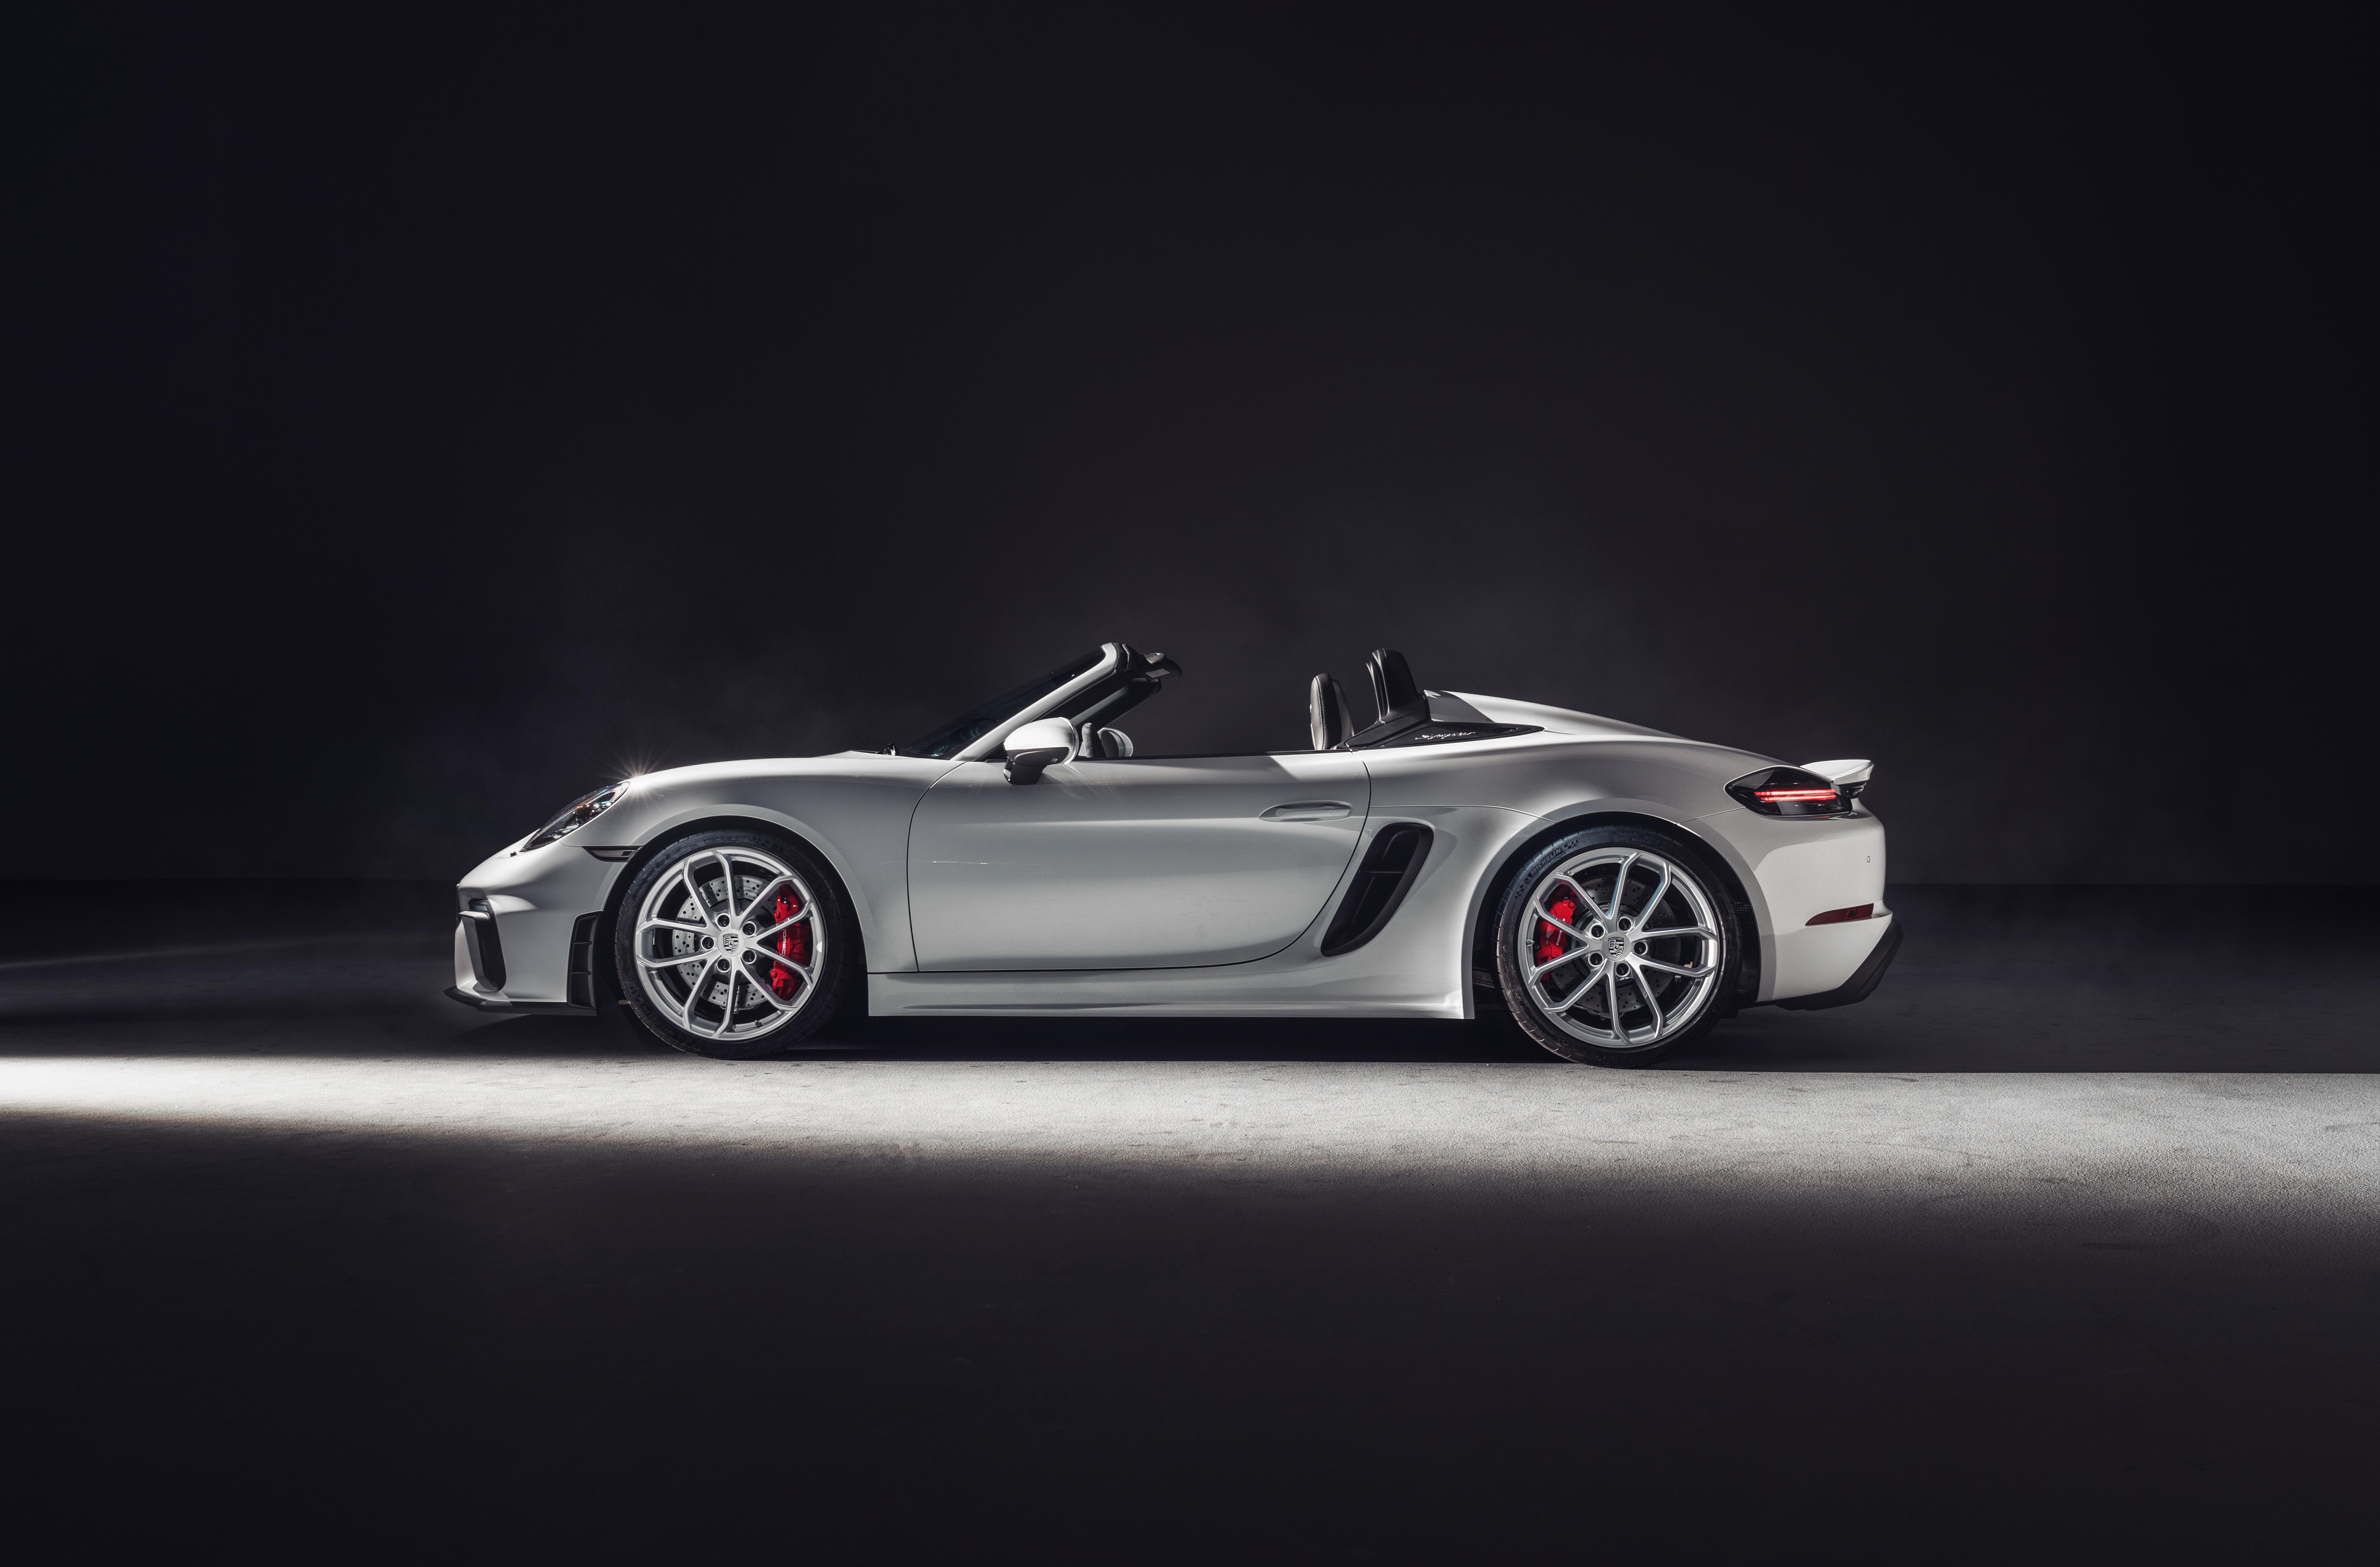 Porsche 718 Spyder 5k Retina Ultra Hd Wallpaper Background Image 7309x4811 Id 1023448 Wallpaper Abyss